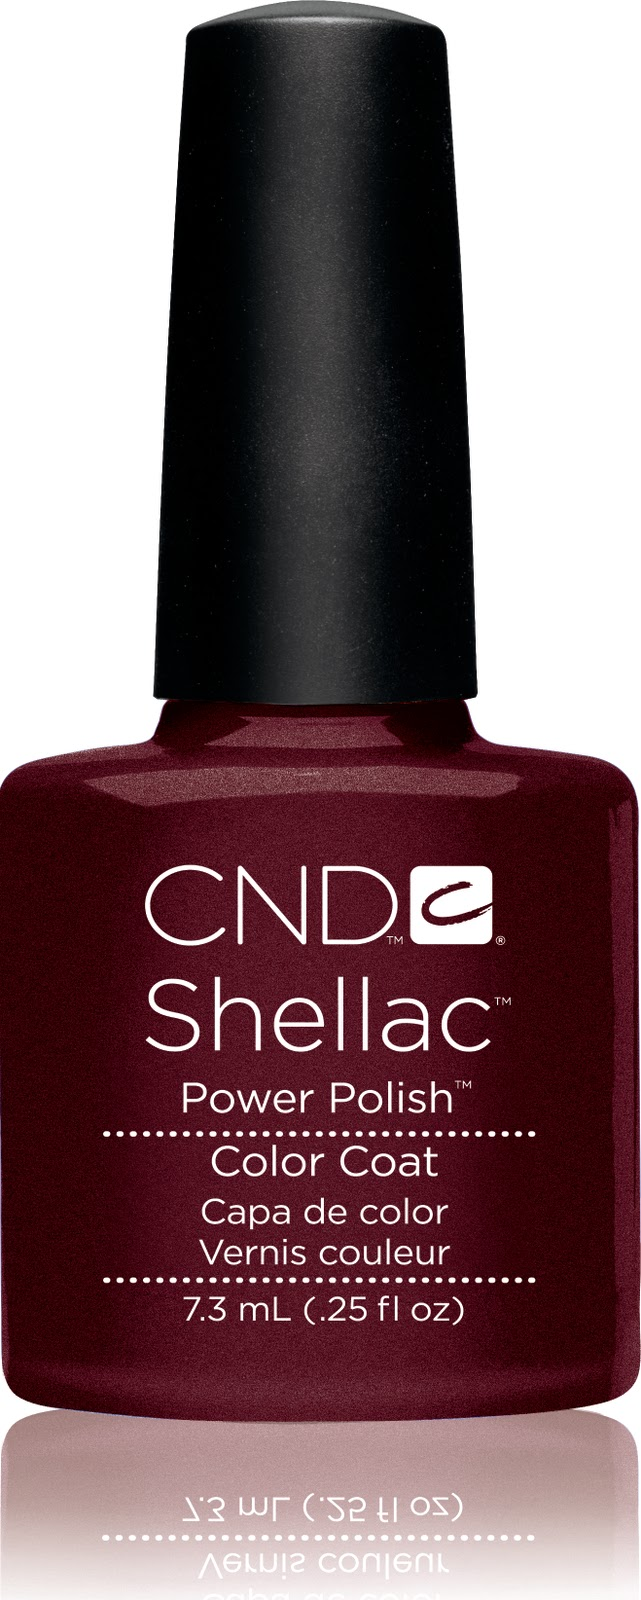 CND 037 покрытие гелевое Dark Lava / SHELLAC 7,3млГель-лаки<br>Цвет: Dark Lava Shellac &amp;ndash; первый гибрид лака и геля, сочетающий в себе самые лучшие свойства профессиональных лаков для ногтей (простота наложения, яркий блеск, богатство цвета) и современных моделирующих гелей (отсутствие запаха, носибельность, нестираемость).  Носится как гель, выглядит как лак, снимается за считанные минуты, укрепляет и защищает ногти, гипоаллергенный, создан по формуле 3 FREE, не содержит дибутилфталата, толуола, формальдегида и его смол   все это Shellac!  Преимущества: 14 дней   время носки маникюра 2 минуты   время высыхания покрытия Зеркальный блеск и идеальная гладкость маникюра Не скалывается, не смазывается, не трескается Каждое покрытие представлено в непрозрачном флаконе, цвет которого абсолютно идентичен оттенку самого продукта. Флакон не скользит в руке, что делает процедуру невероятно легкой и приятной, а удобная кисточка позволяет нанести средство идеально ровно. Пошаговая инструкция.<br><br>Цвет: Коричневые<br>Виды лака: Глянцевые